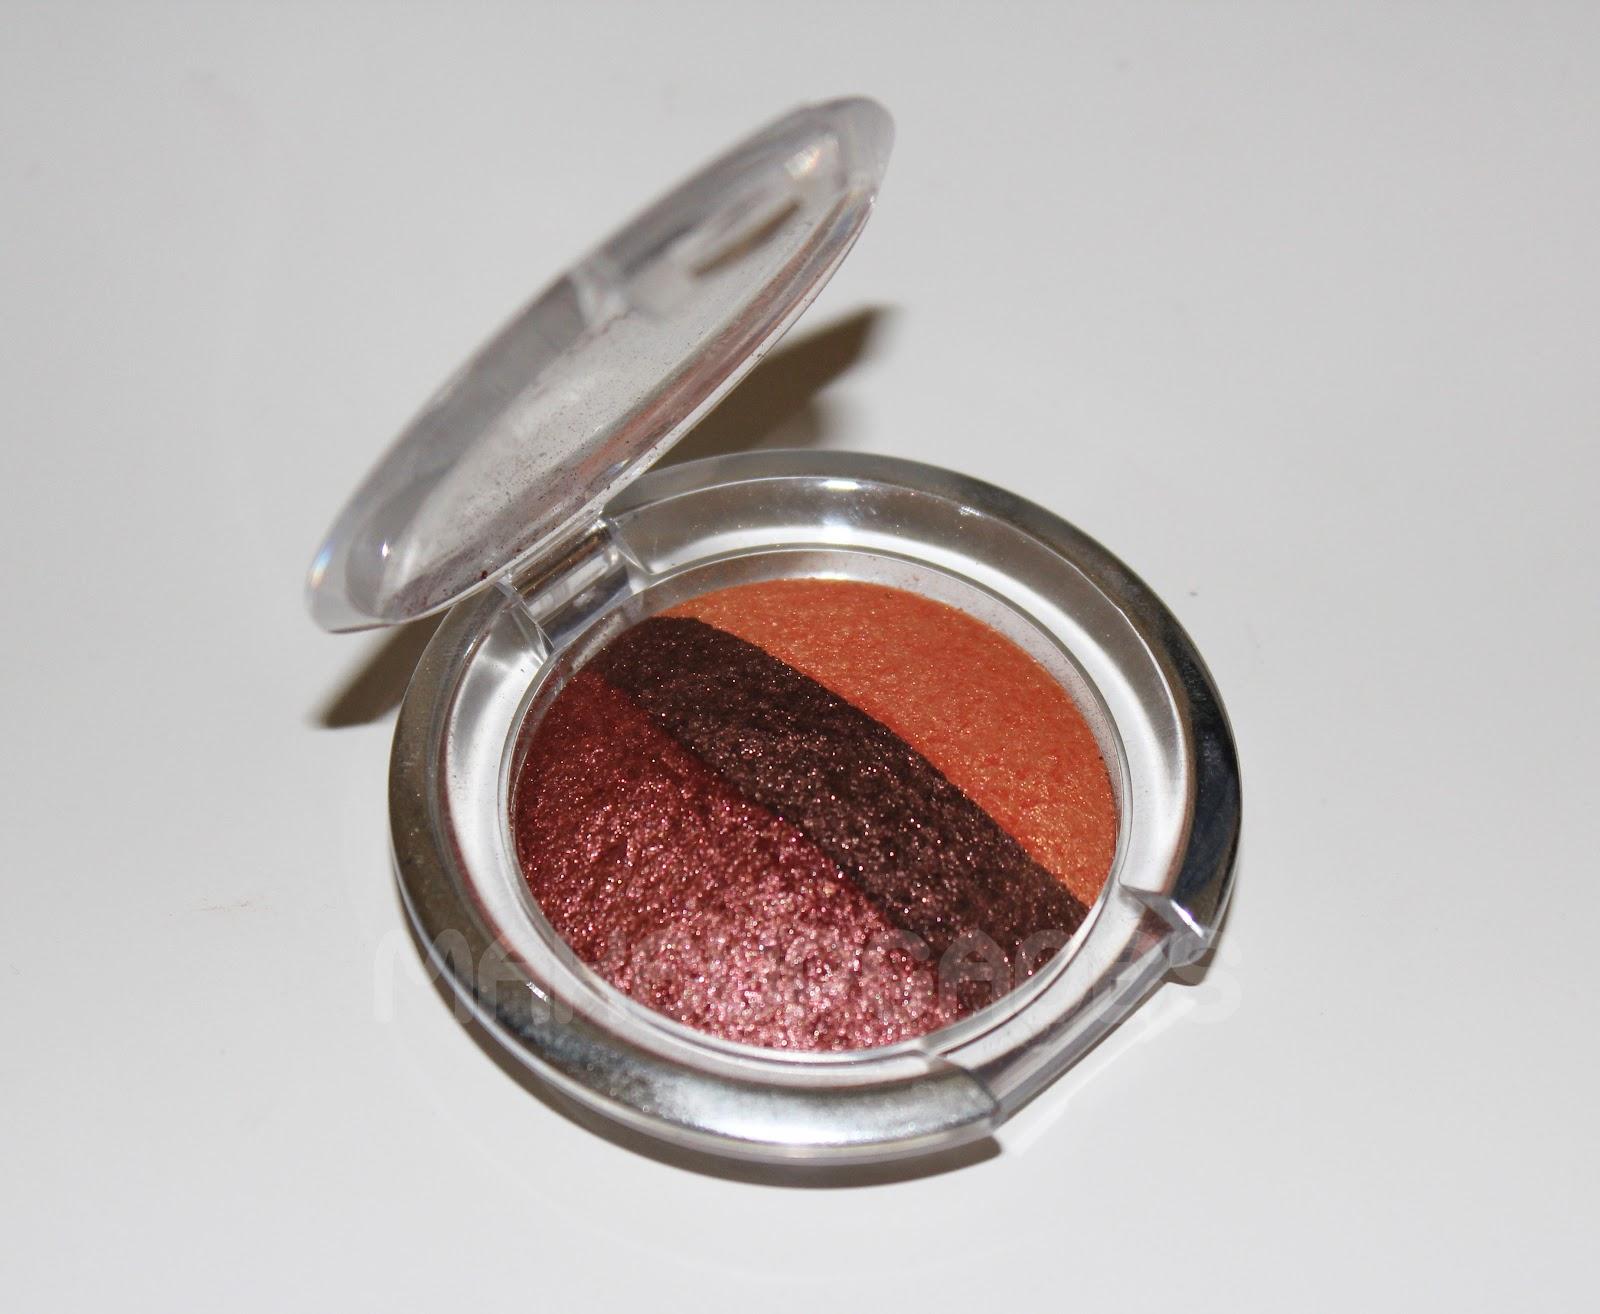 Makeup Gades: Productos desde tokedecolor.com